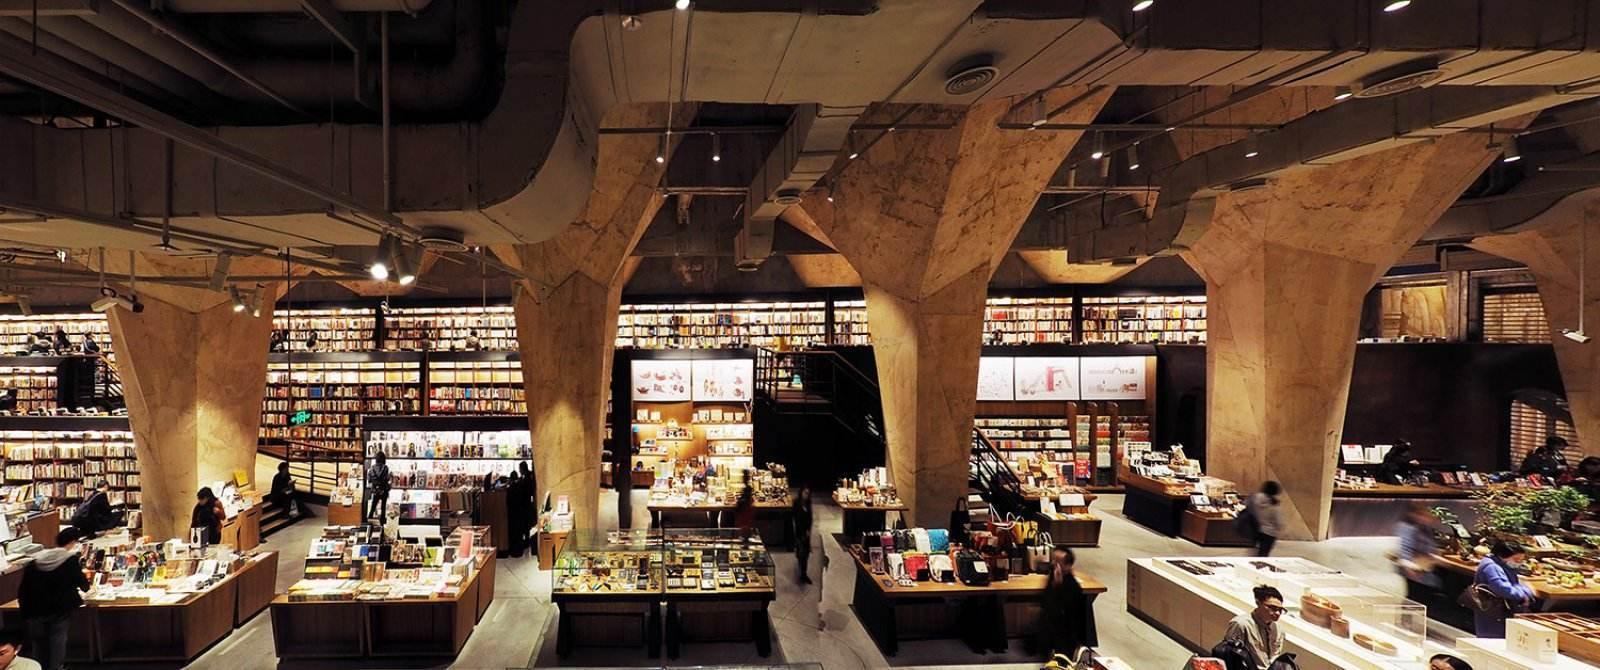 南京新华书店_新一线城市几乎都有一个排队的喜茶,拍照比看书人多的钟书阁 ...